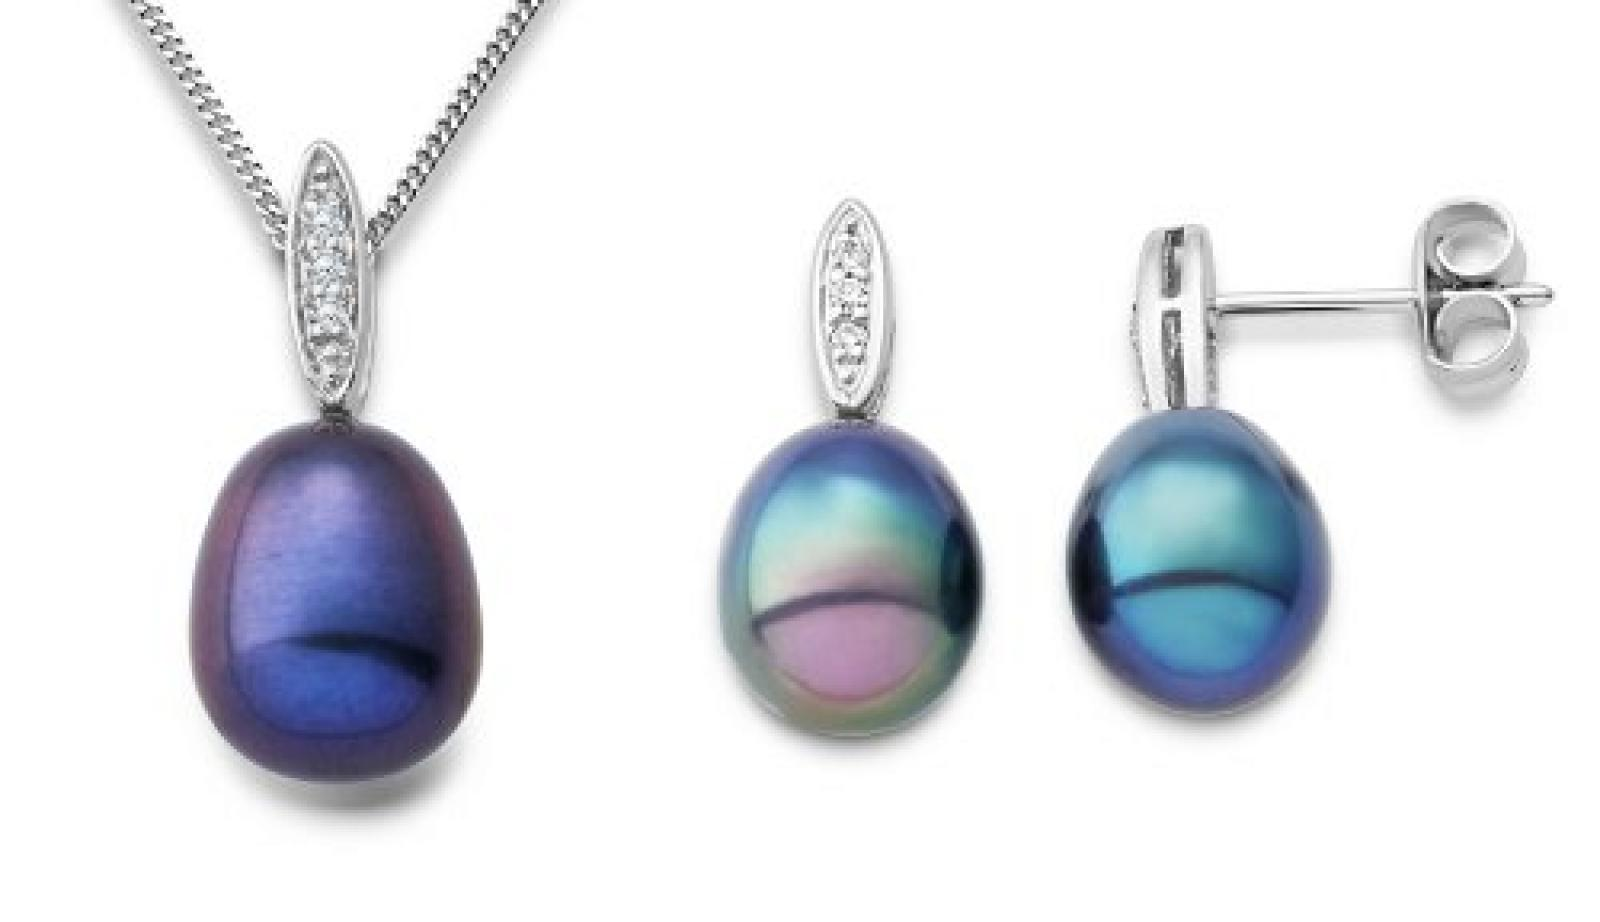 Miore Damen-Set: Halskette + Ohrringe Süßwasser-Zuchtperlen und Diamant 9 Karat 375 Weißgold MSET017